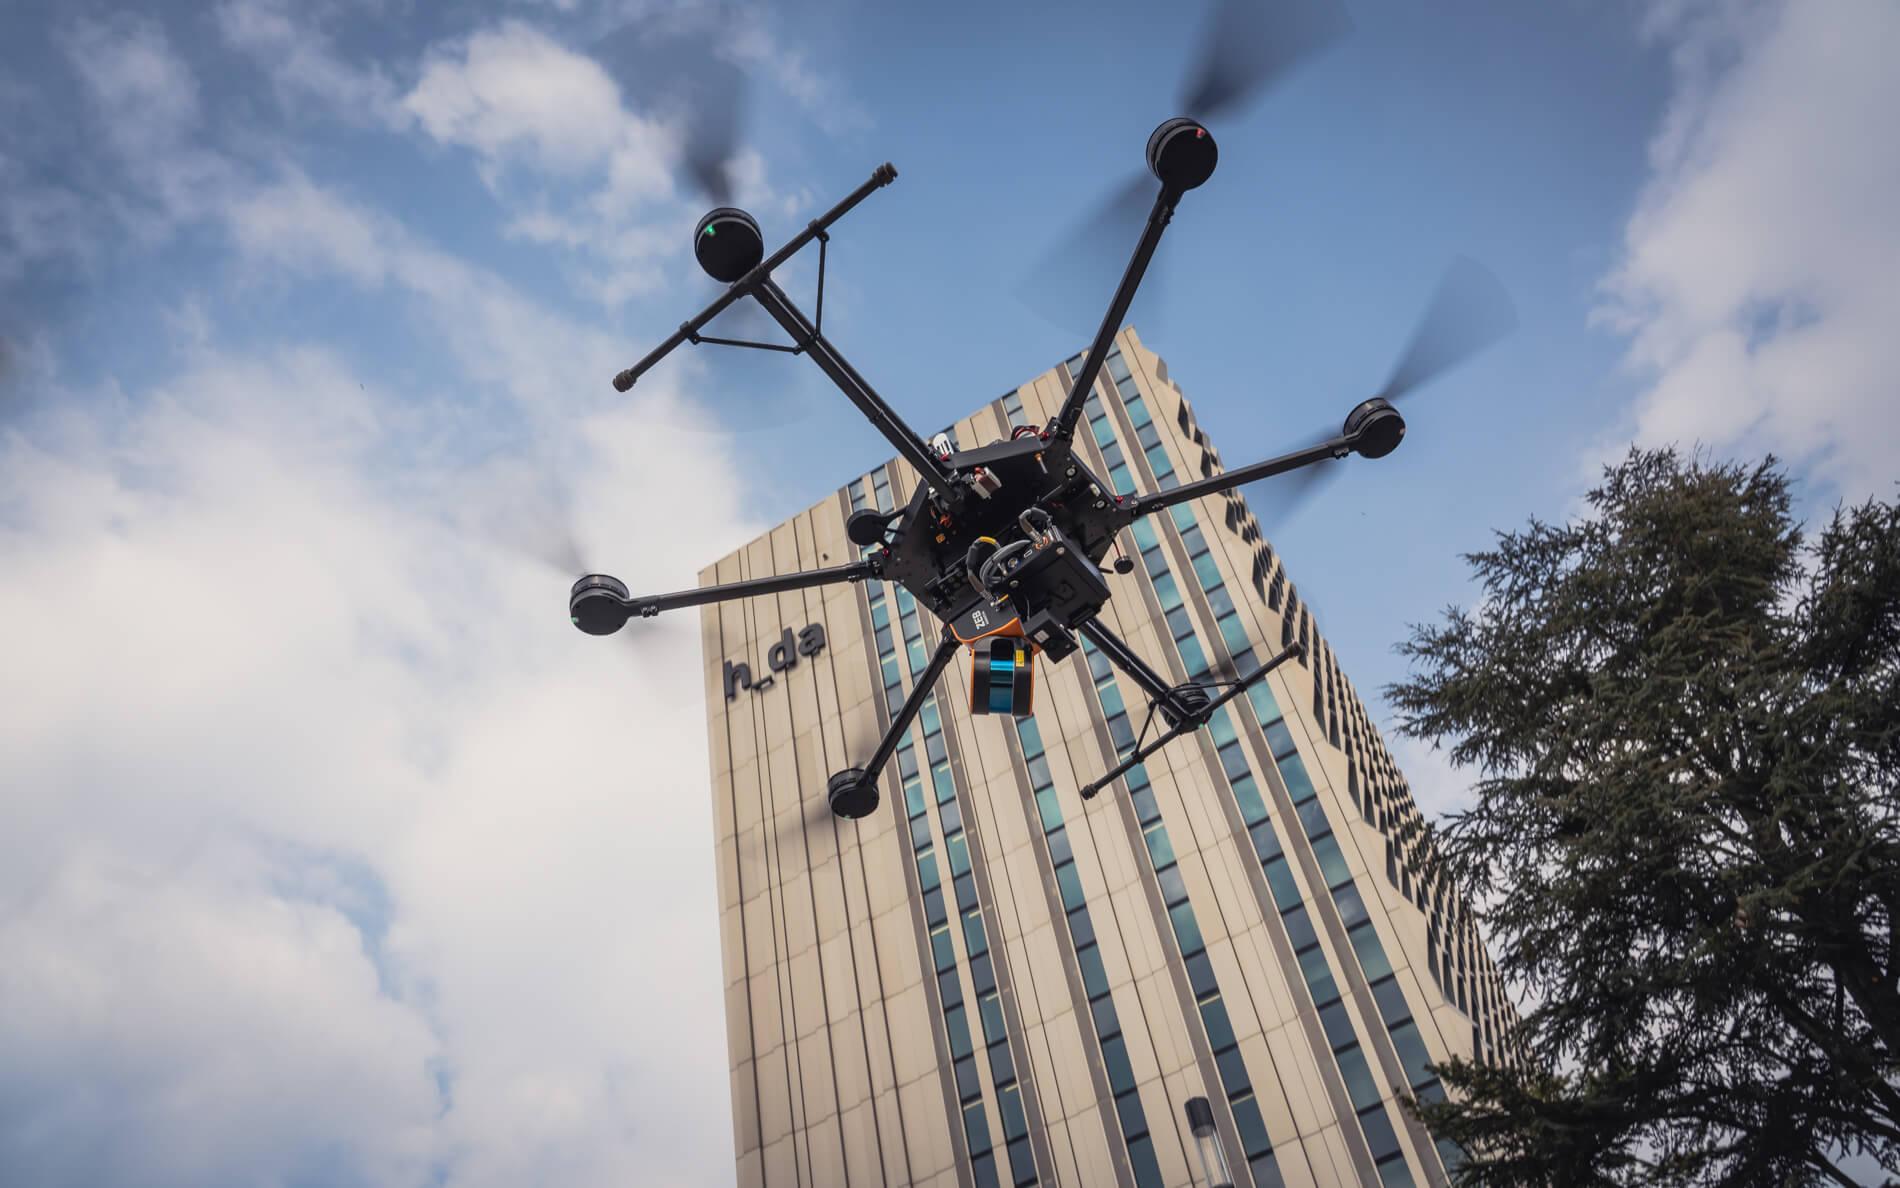 Logxon-Porter-Drohne-Heavylifter-vor-hda-Hochschule-Darmstadt-zur-Bestandsaufnahme-Vermessung